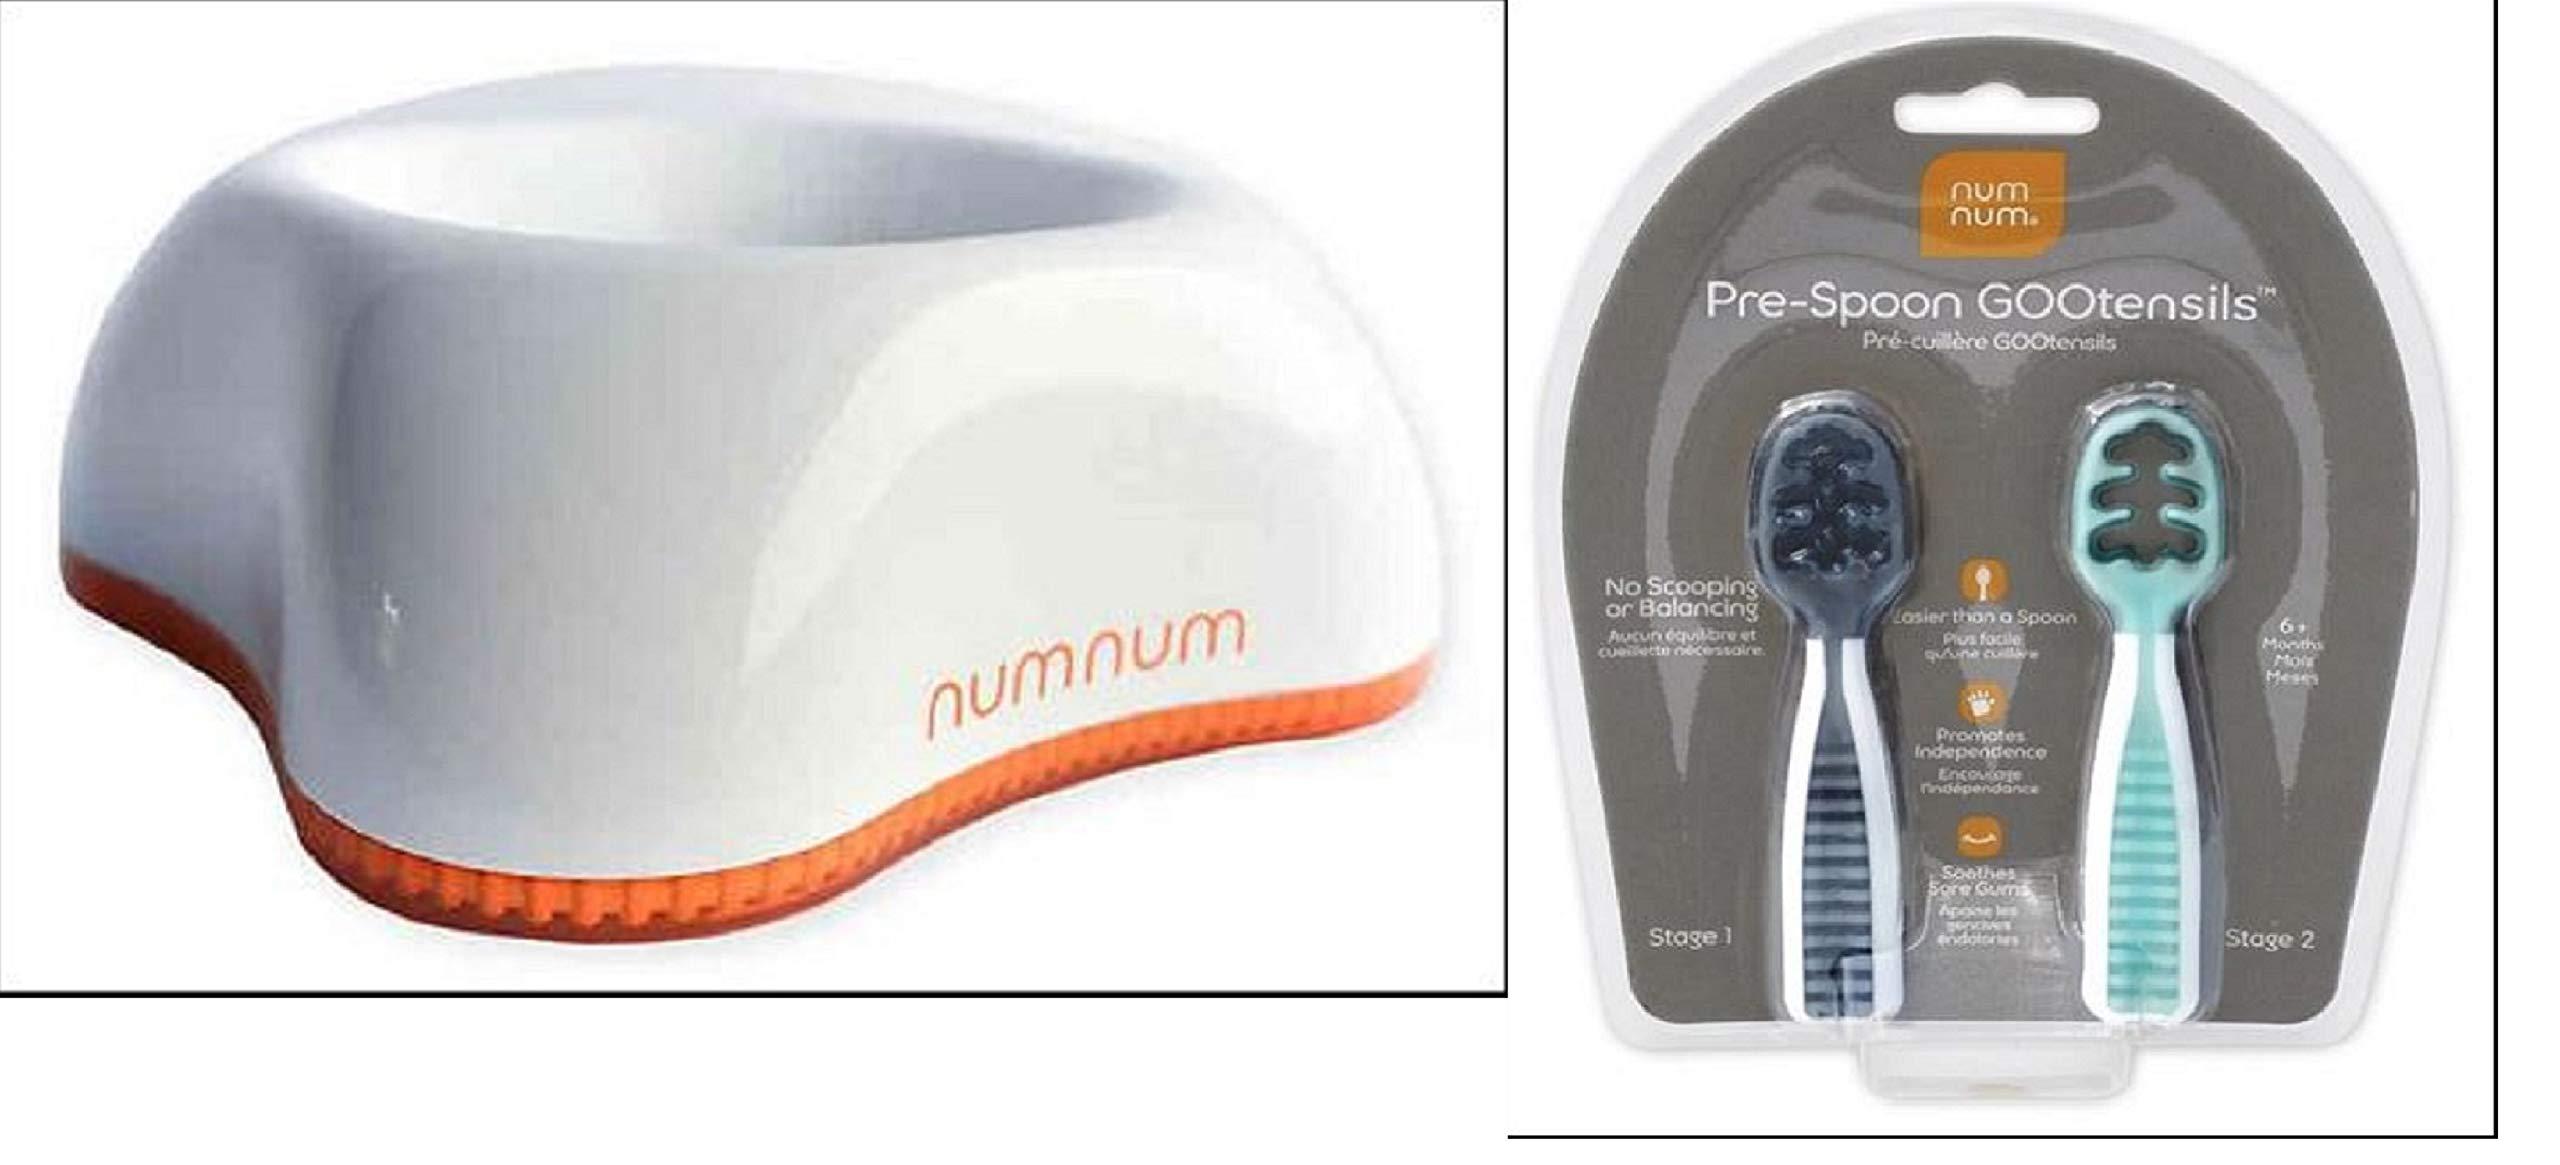 NumNum Beginner Bowl & Pre-Spoon GOOtensils